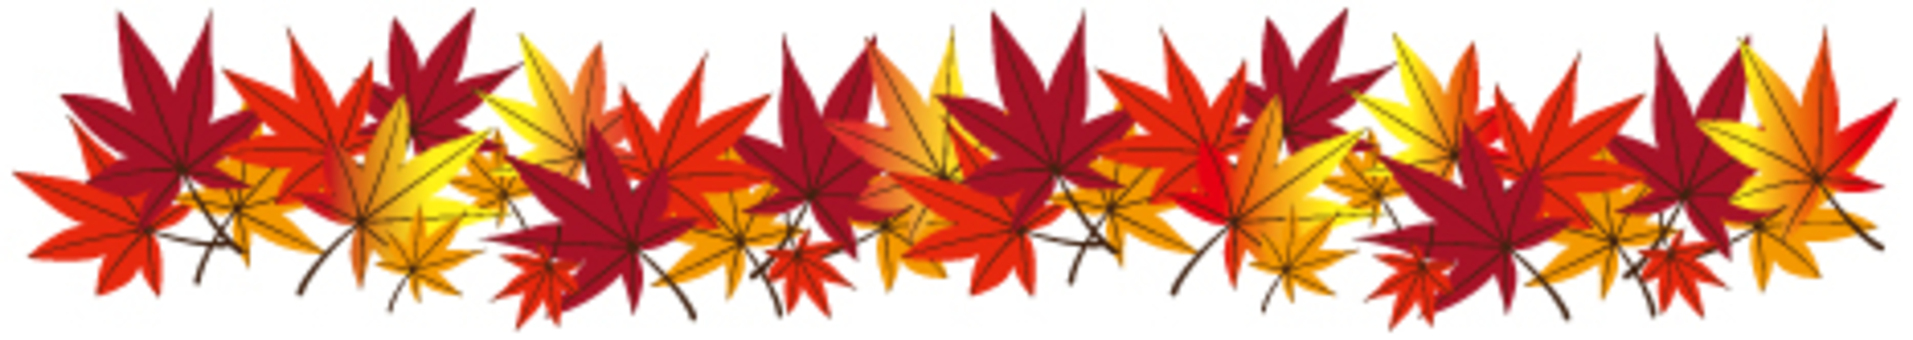 낙엽 10